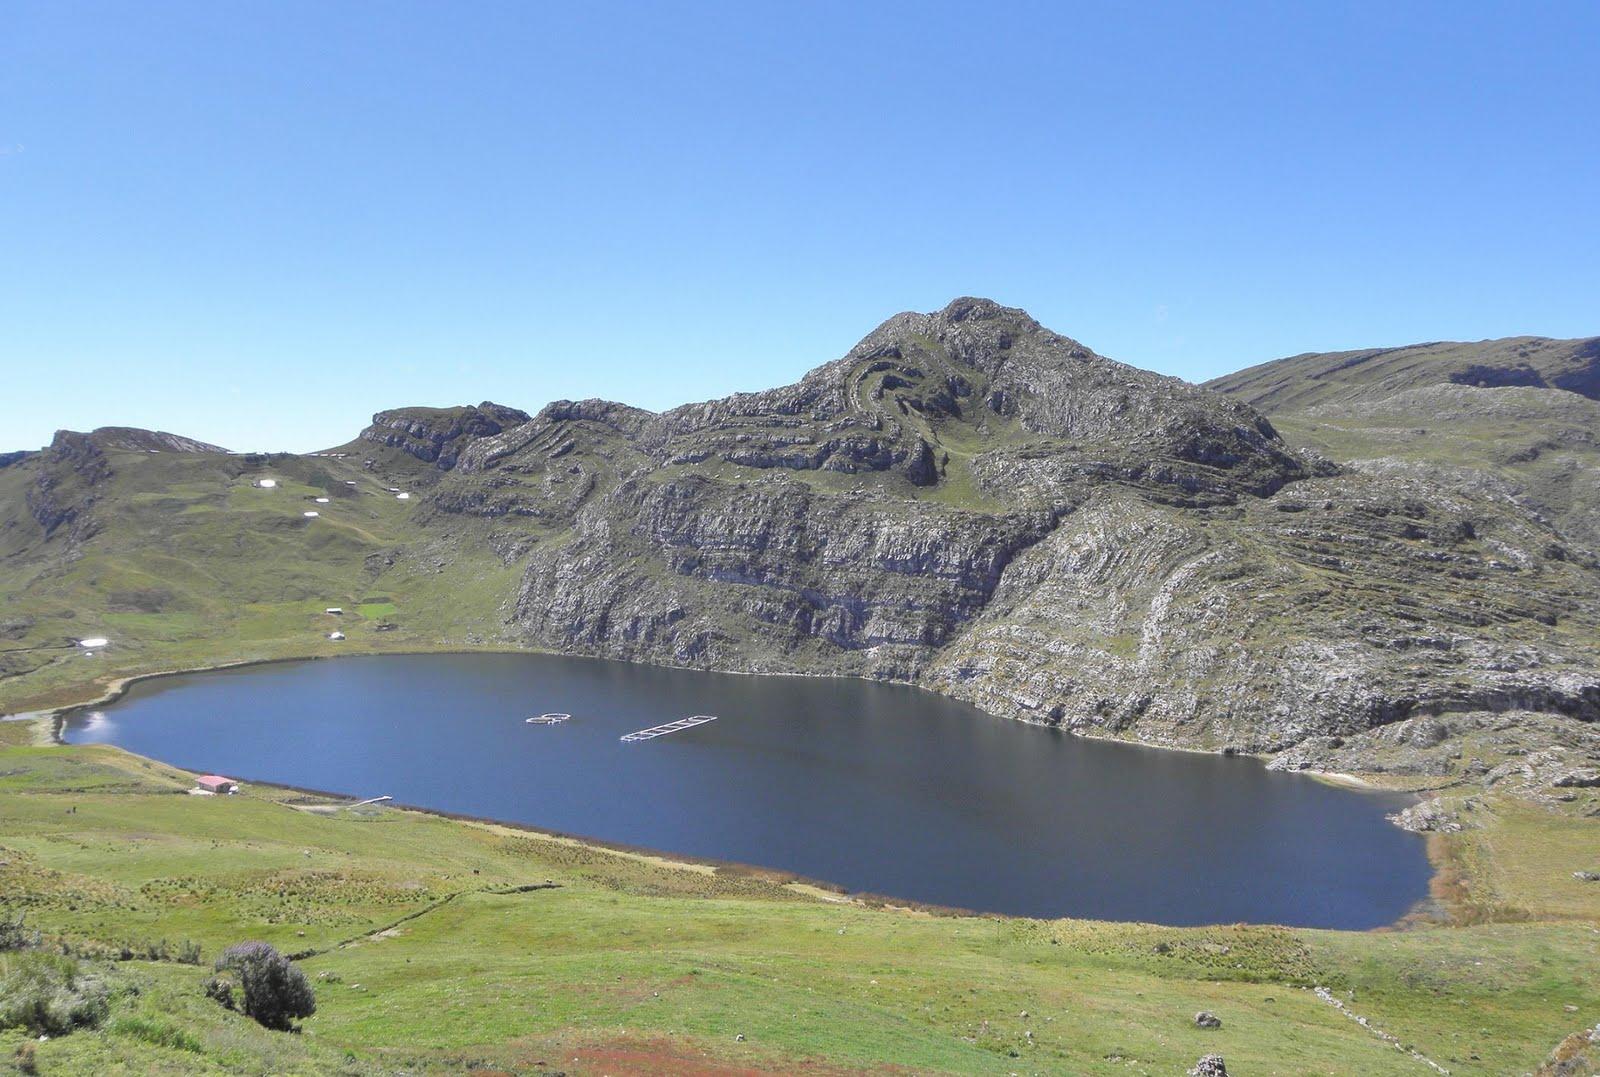 Bellas lagunas de cajamarca en peligro for Lagunas artificiales construccion